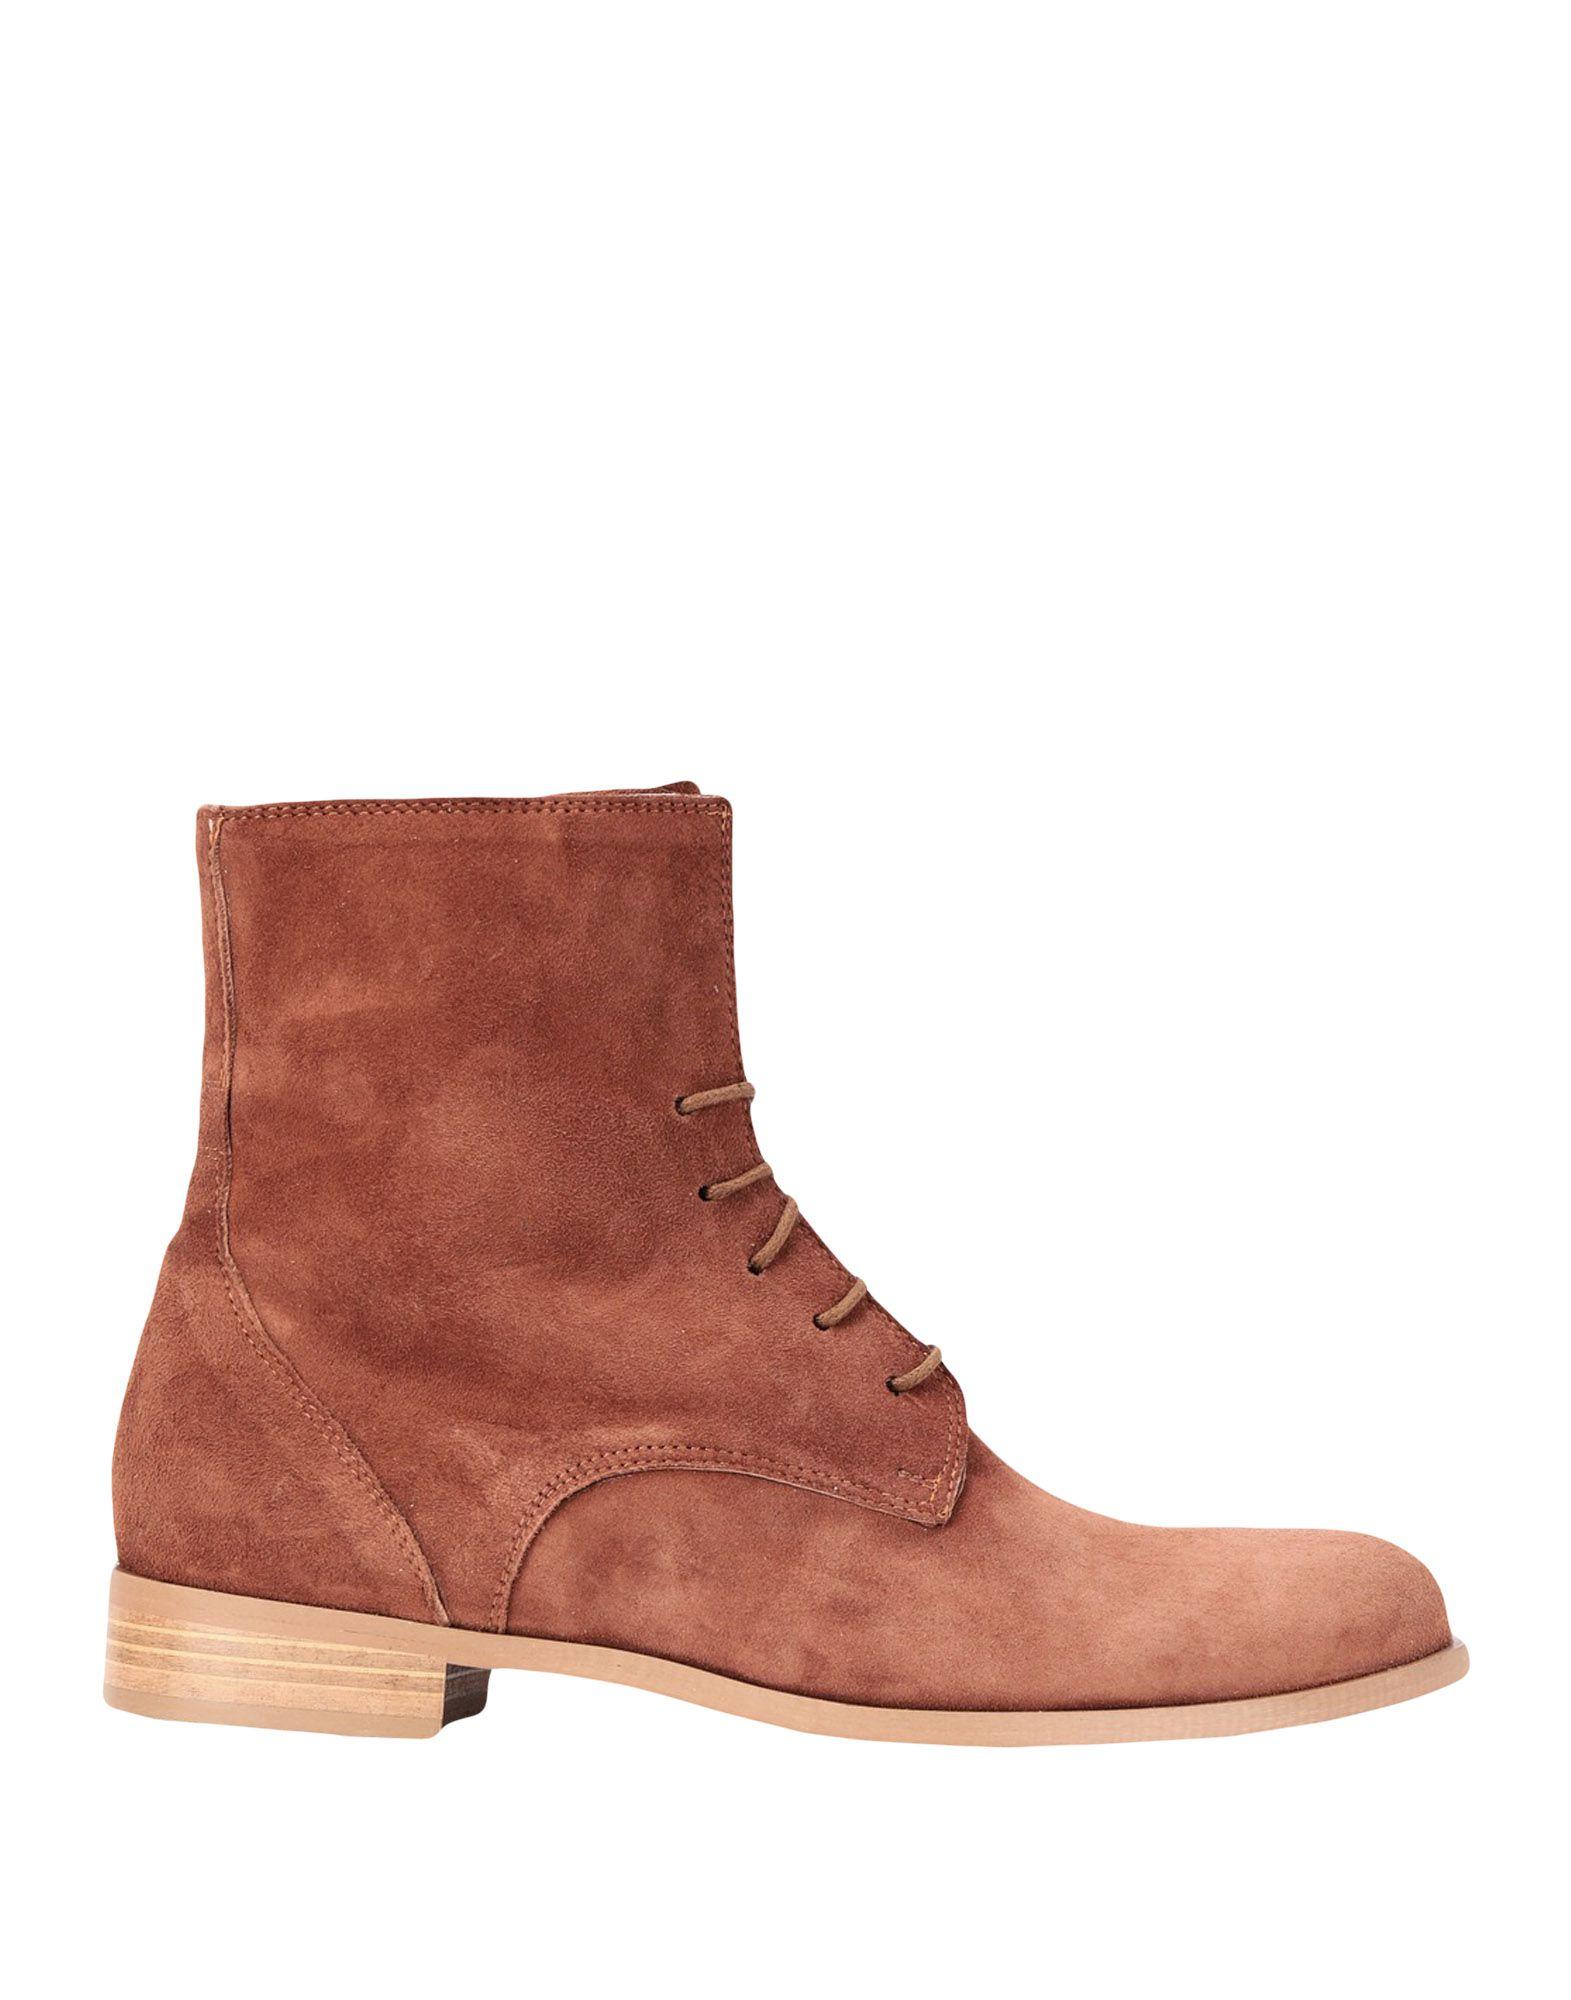 8 by YOOX Полусапоги и высокие ботинки цены онлайн